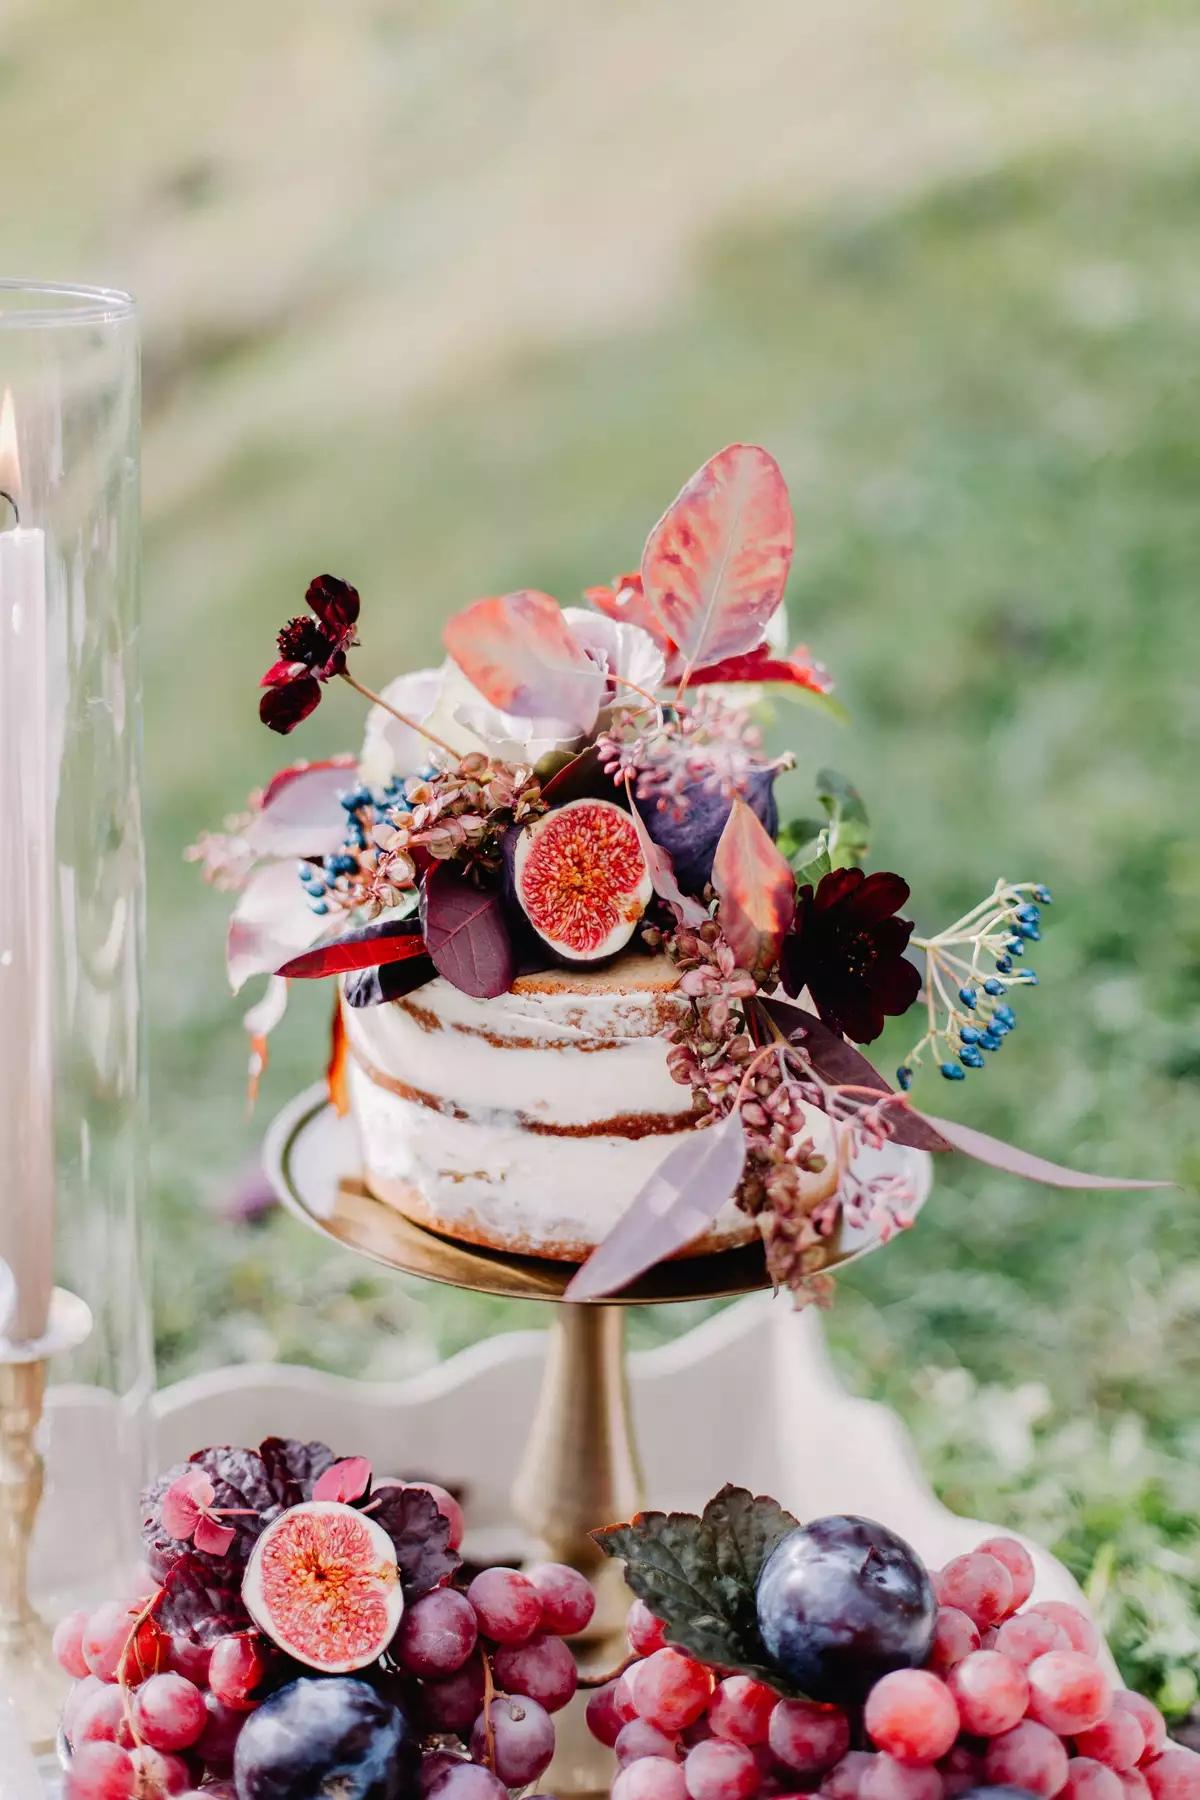 GTGBSVUgKHI - Маленькие свадебные торты